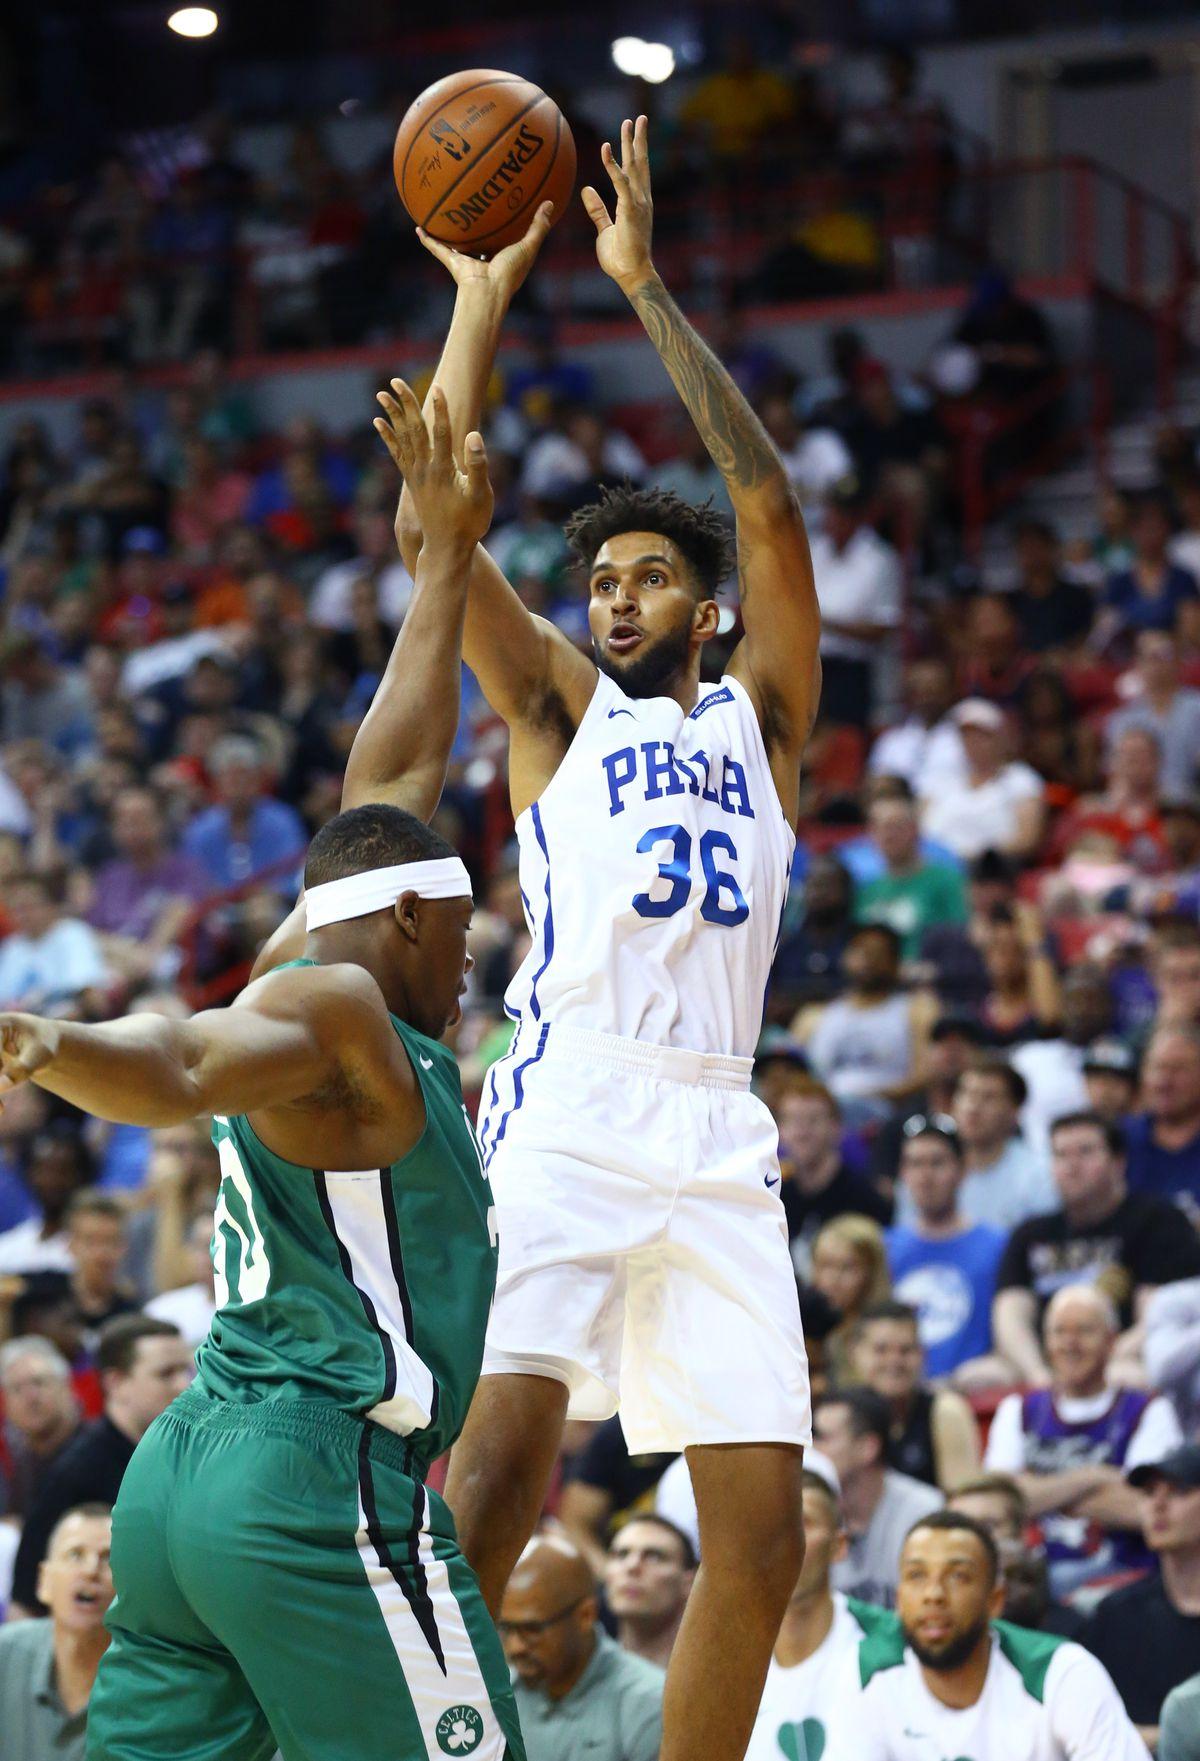 NBA: Summer League-Boston Celtics at Philadelphia 76ers